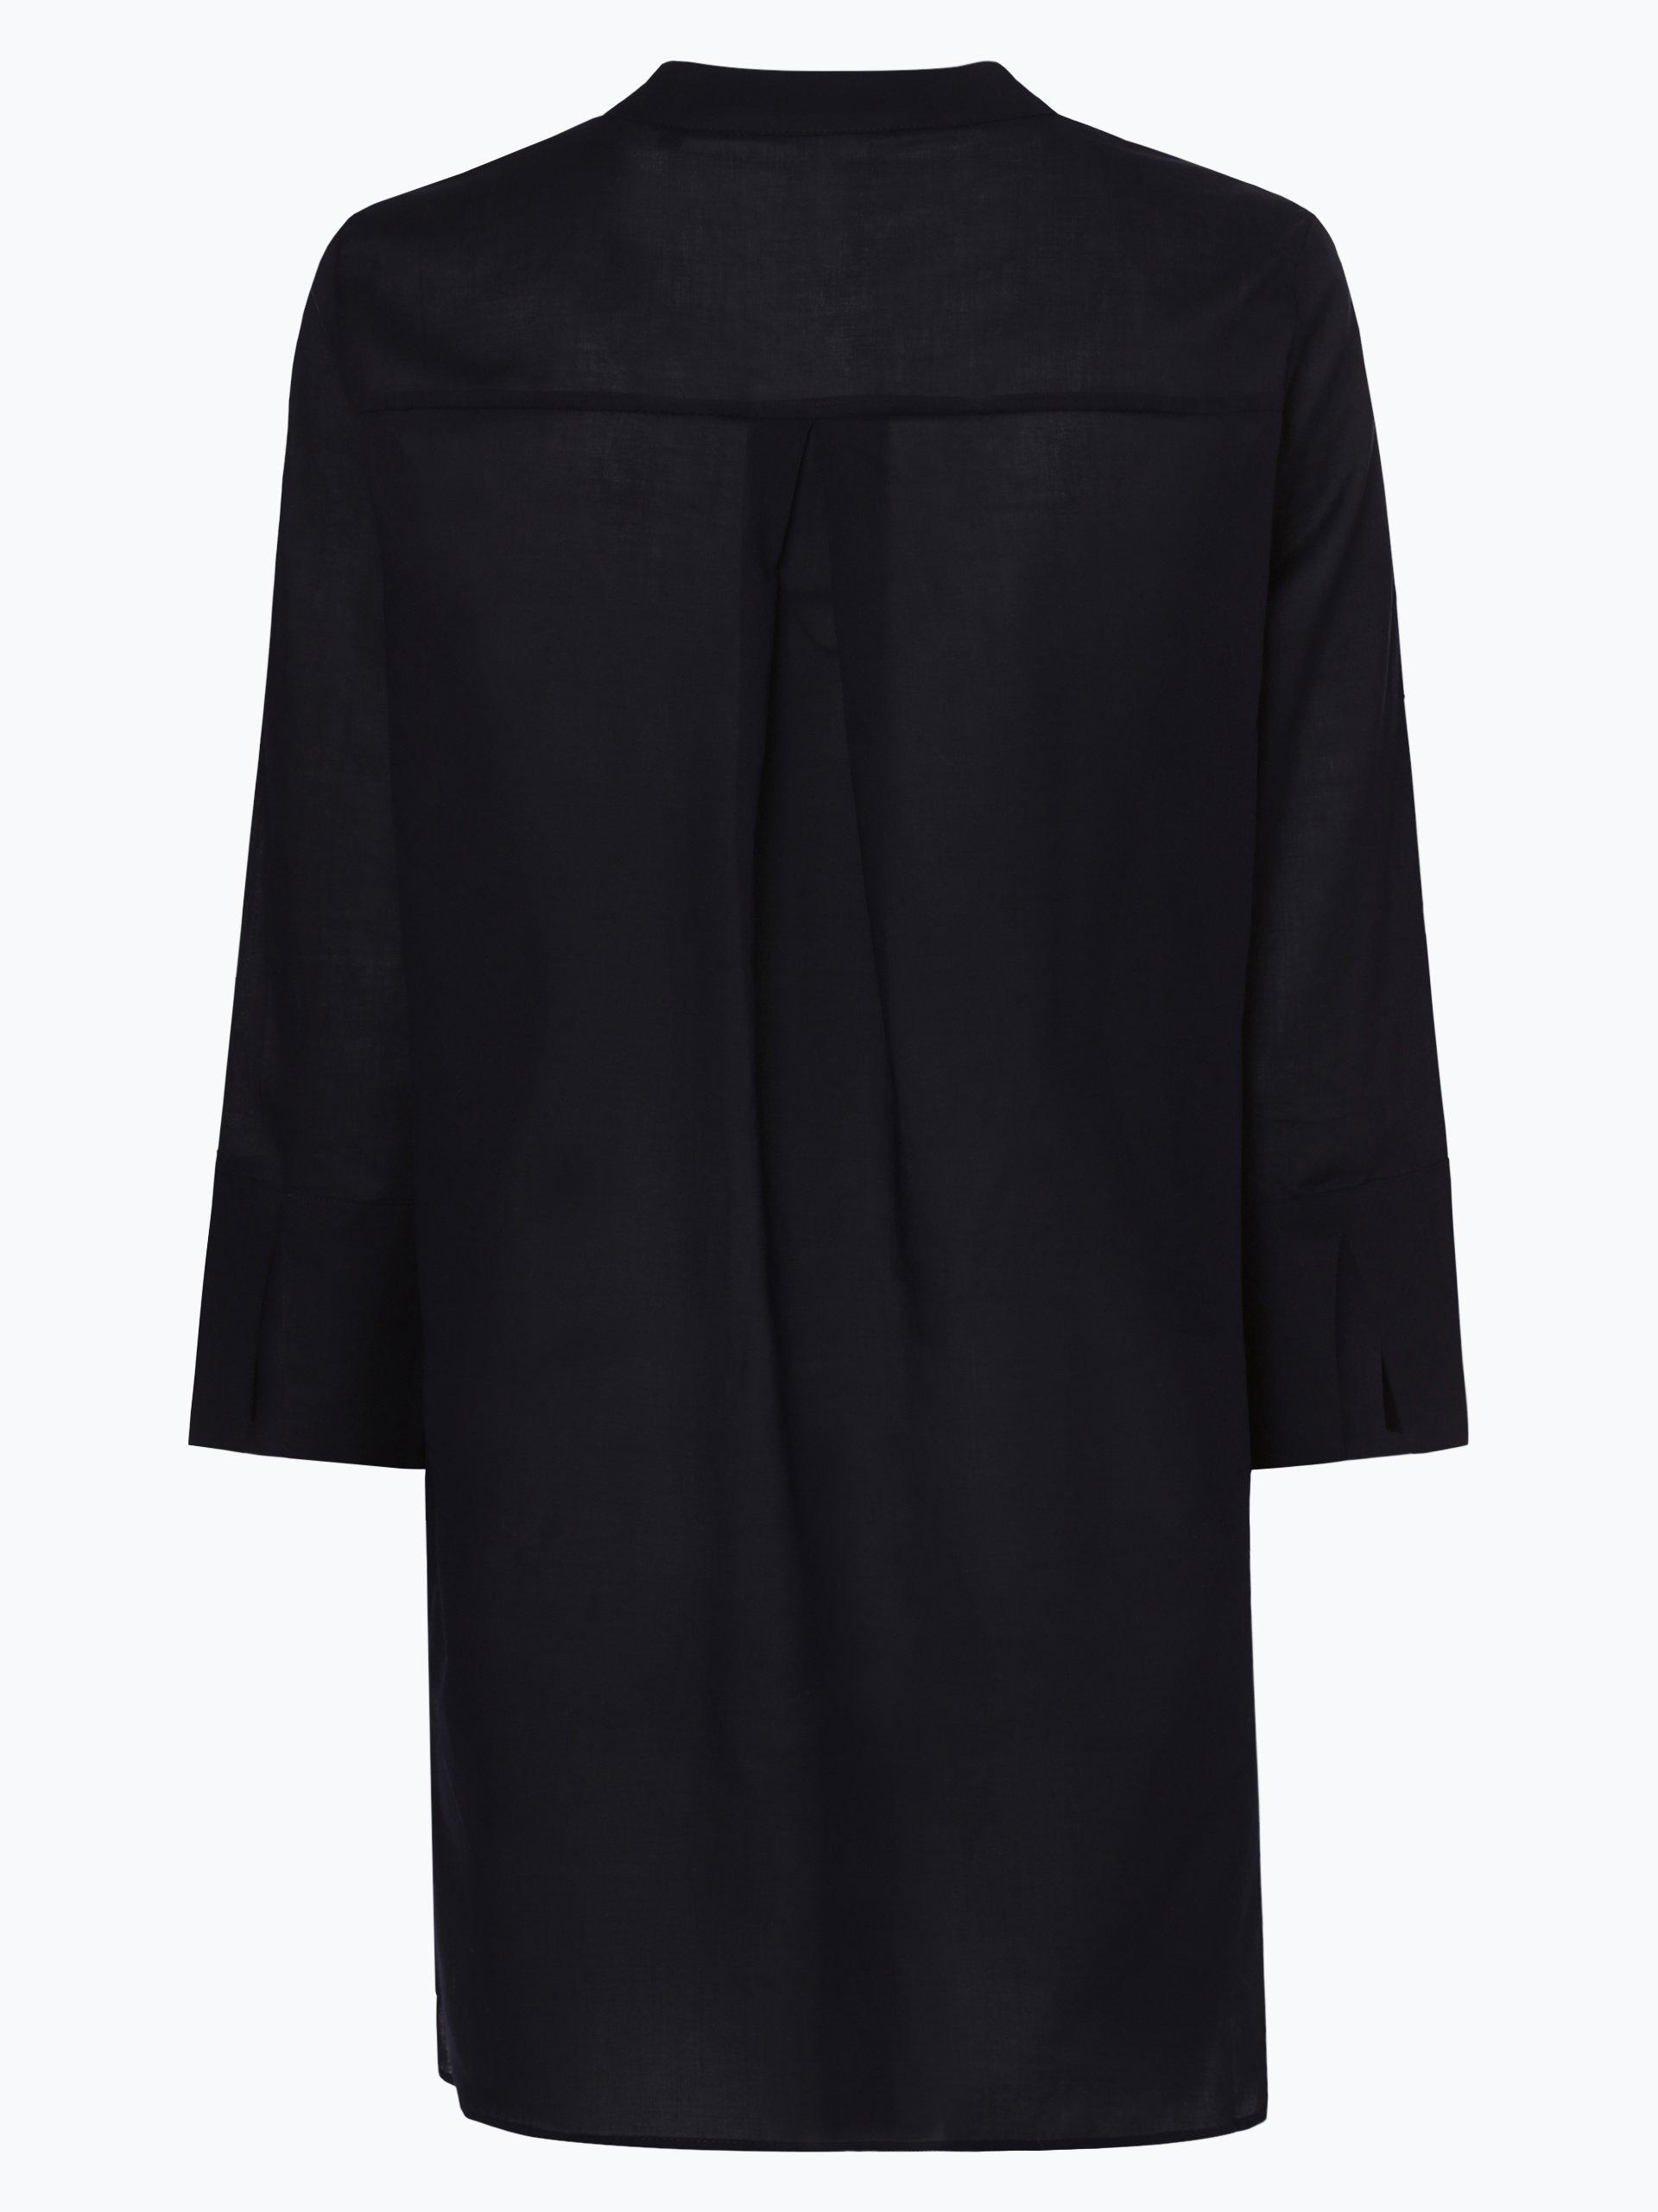 Someday Damen Bluse - Zinnur